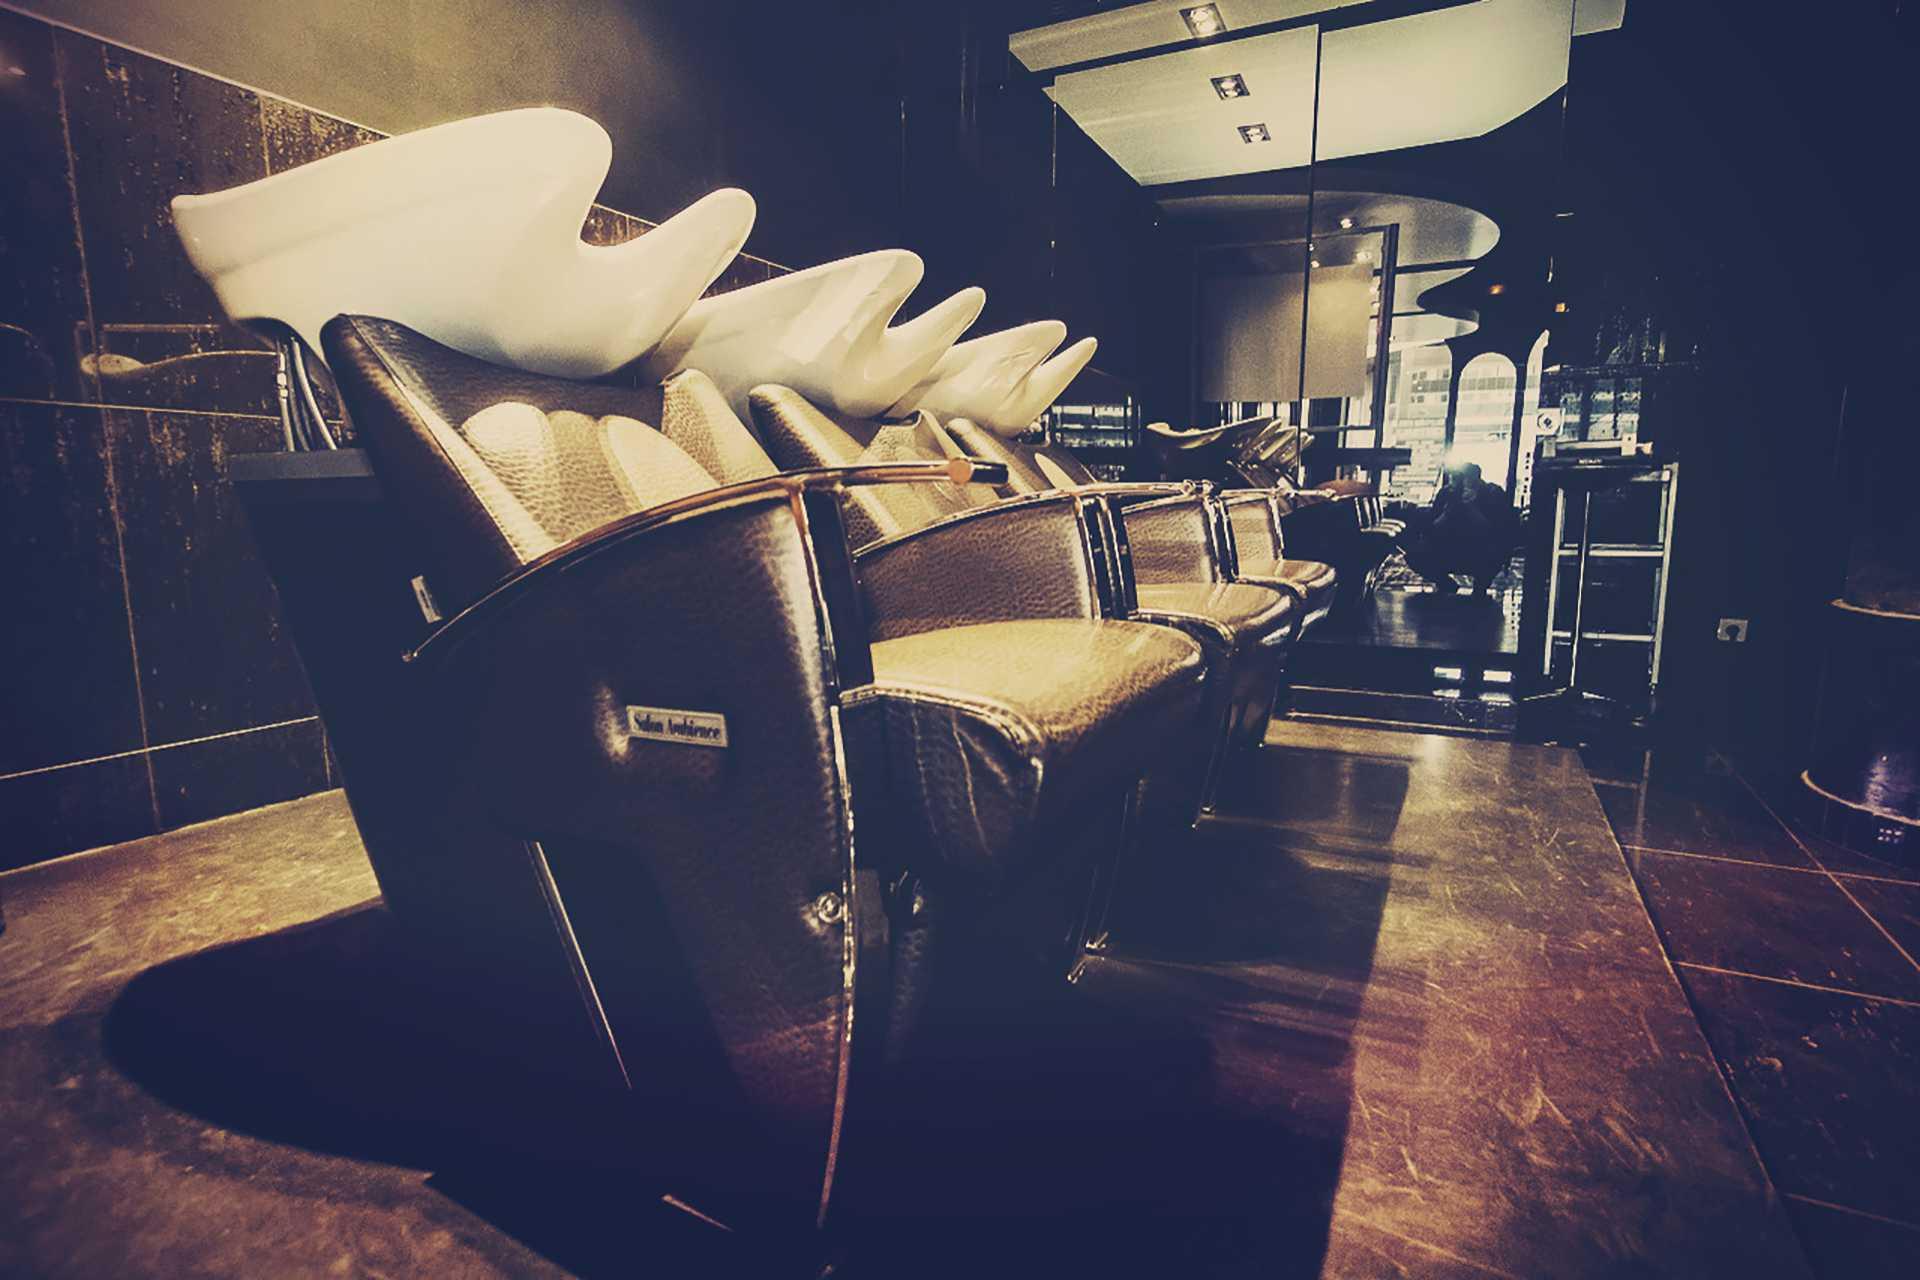 Le lab hairstylist salon de coiffure montpellier - Salon de massage montpellier ...